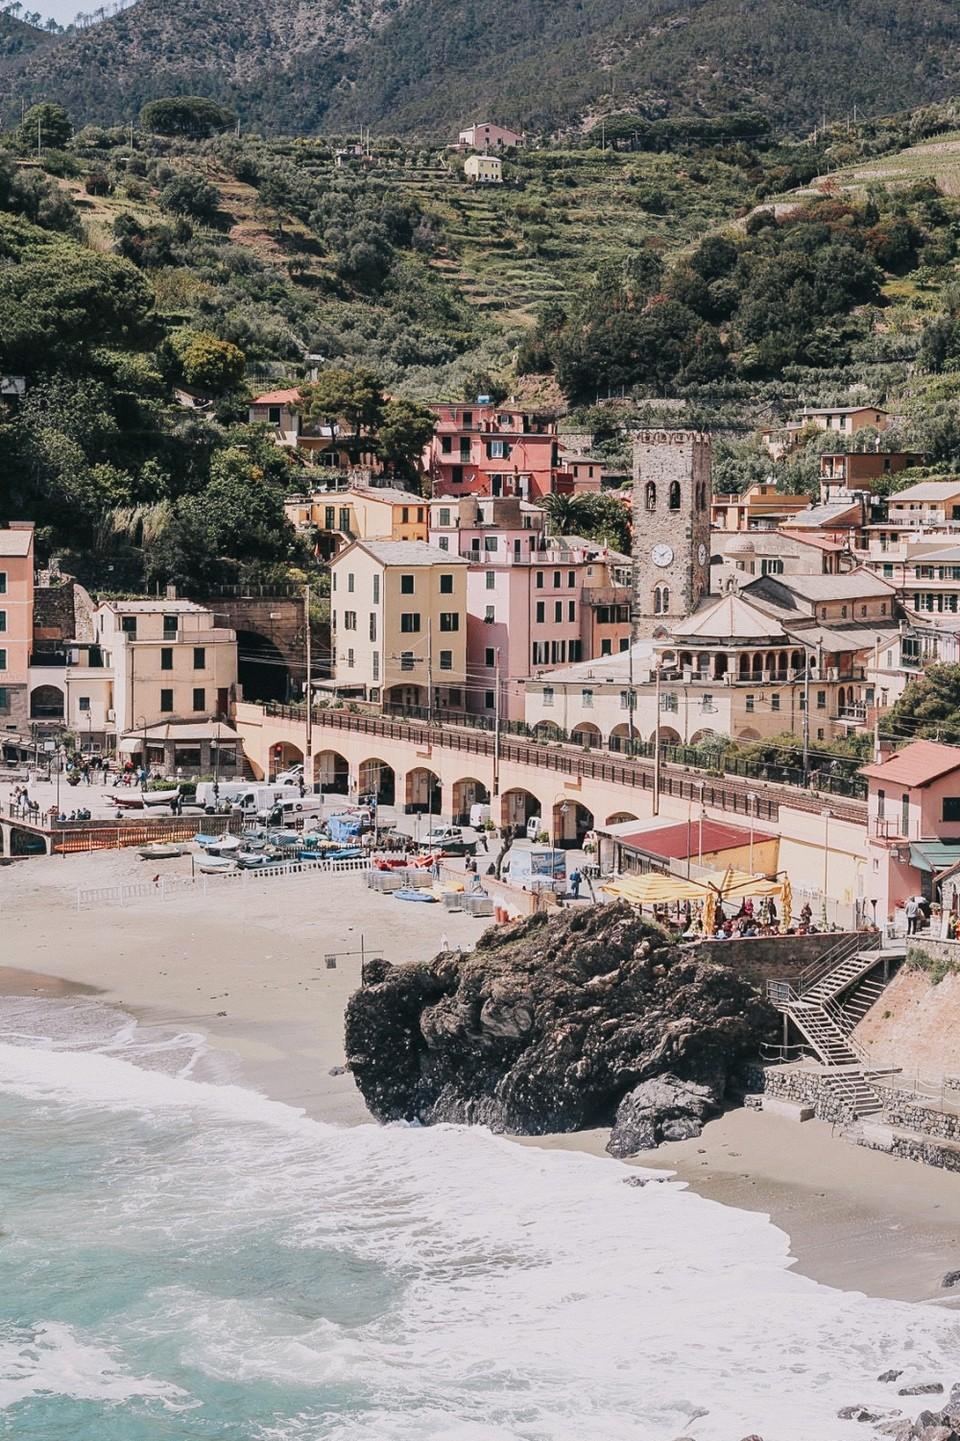 monterosso-al-mare-beach Cinque Terre travel guide One day in Cinque Terre